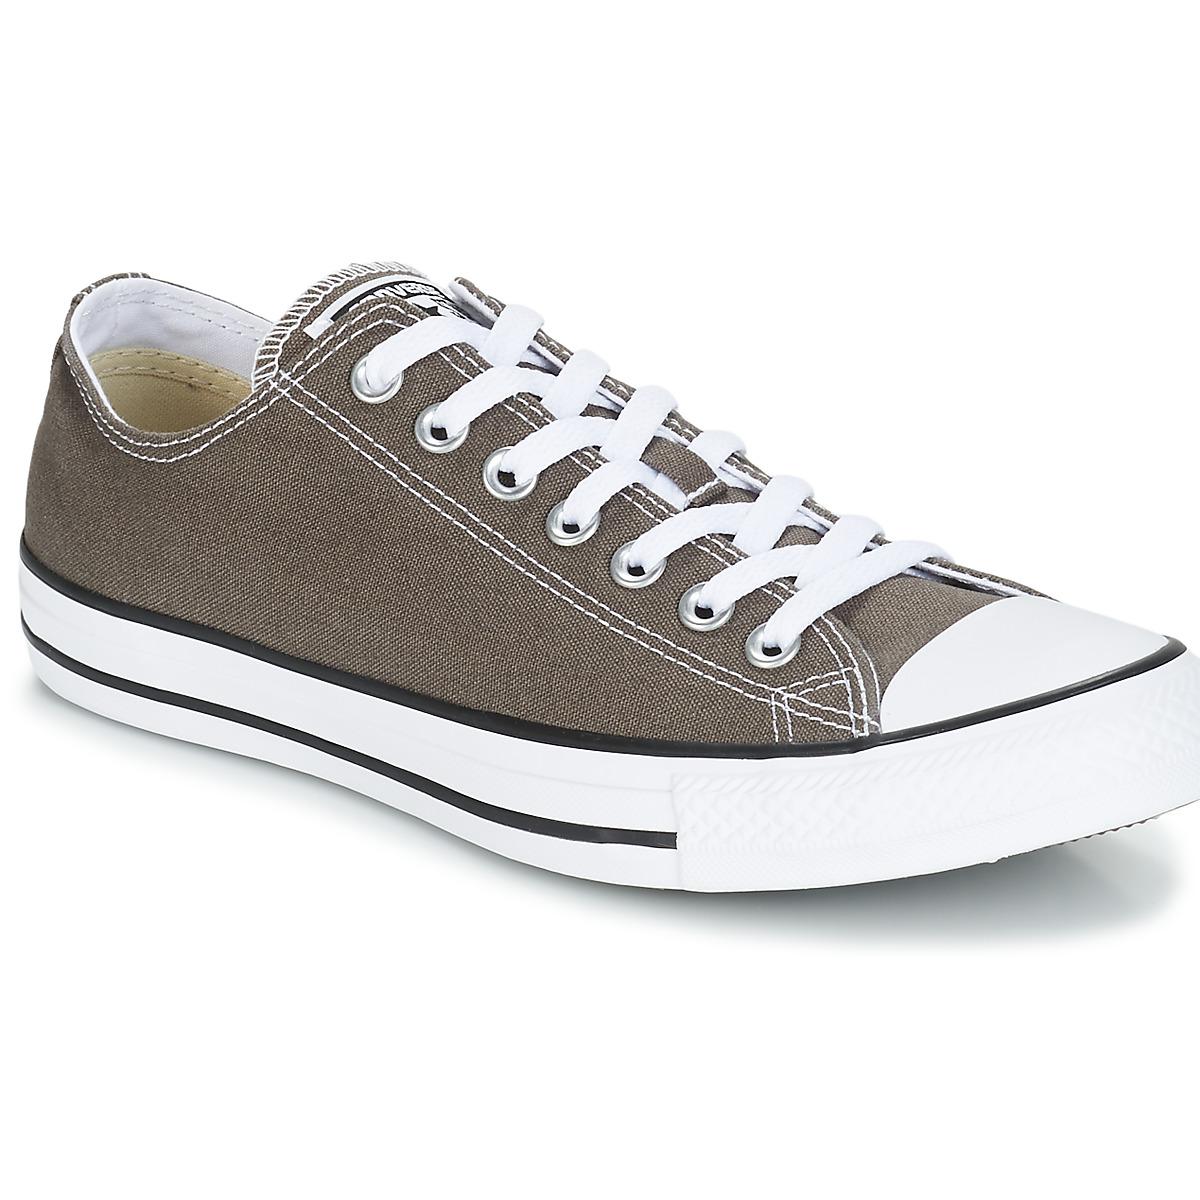 41bbac4ef80 Converse CHUCK TAYLOR ALL STAR SEAS OX Antracite - Entrega gratuita com a  Spartoo.pt ! - Sapatos Sapatilhas 60